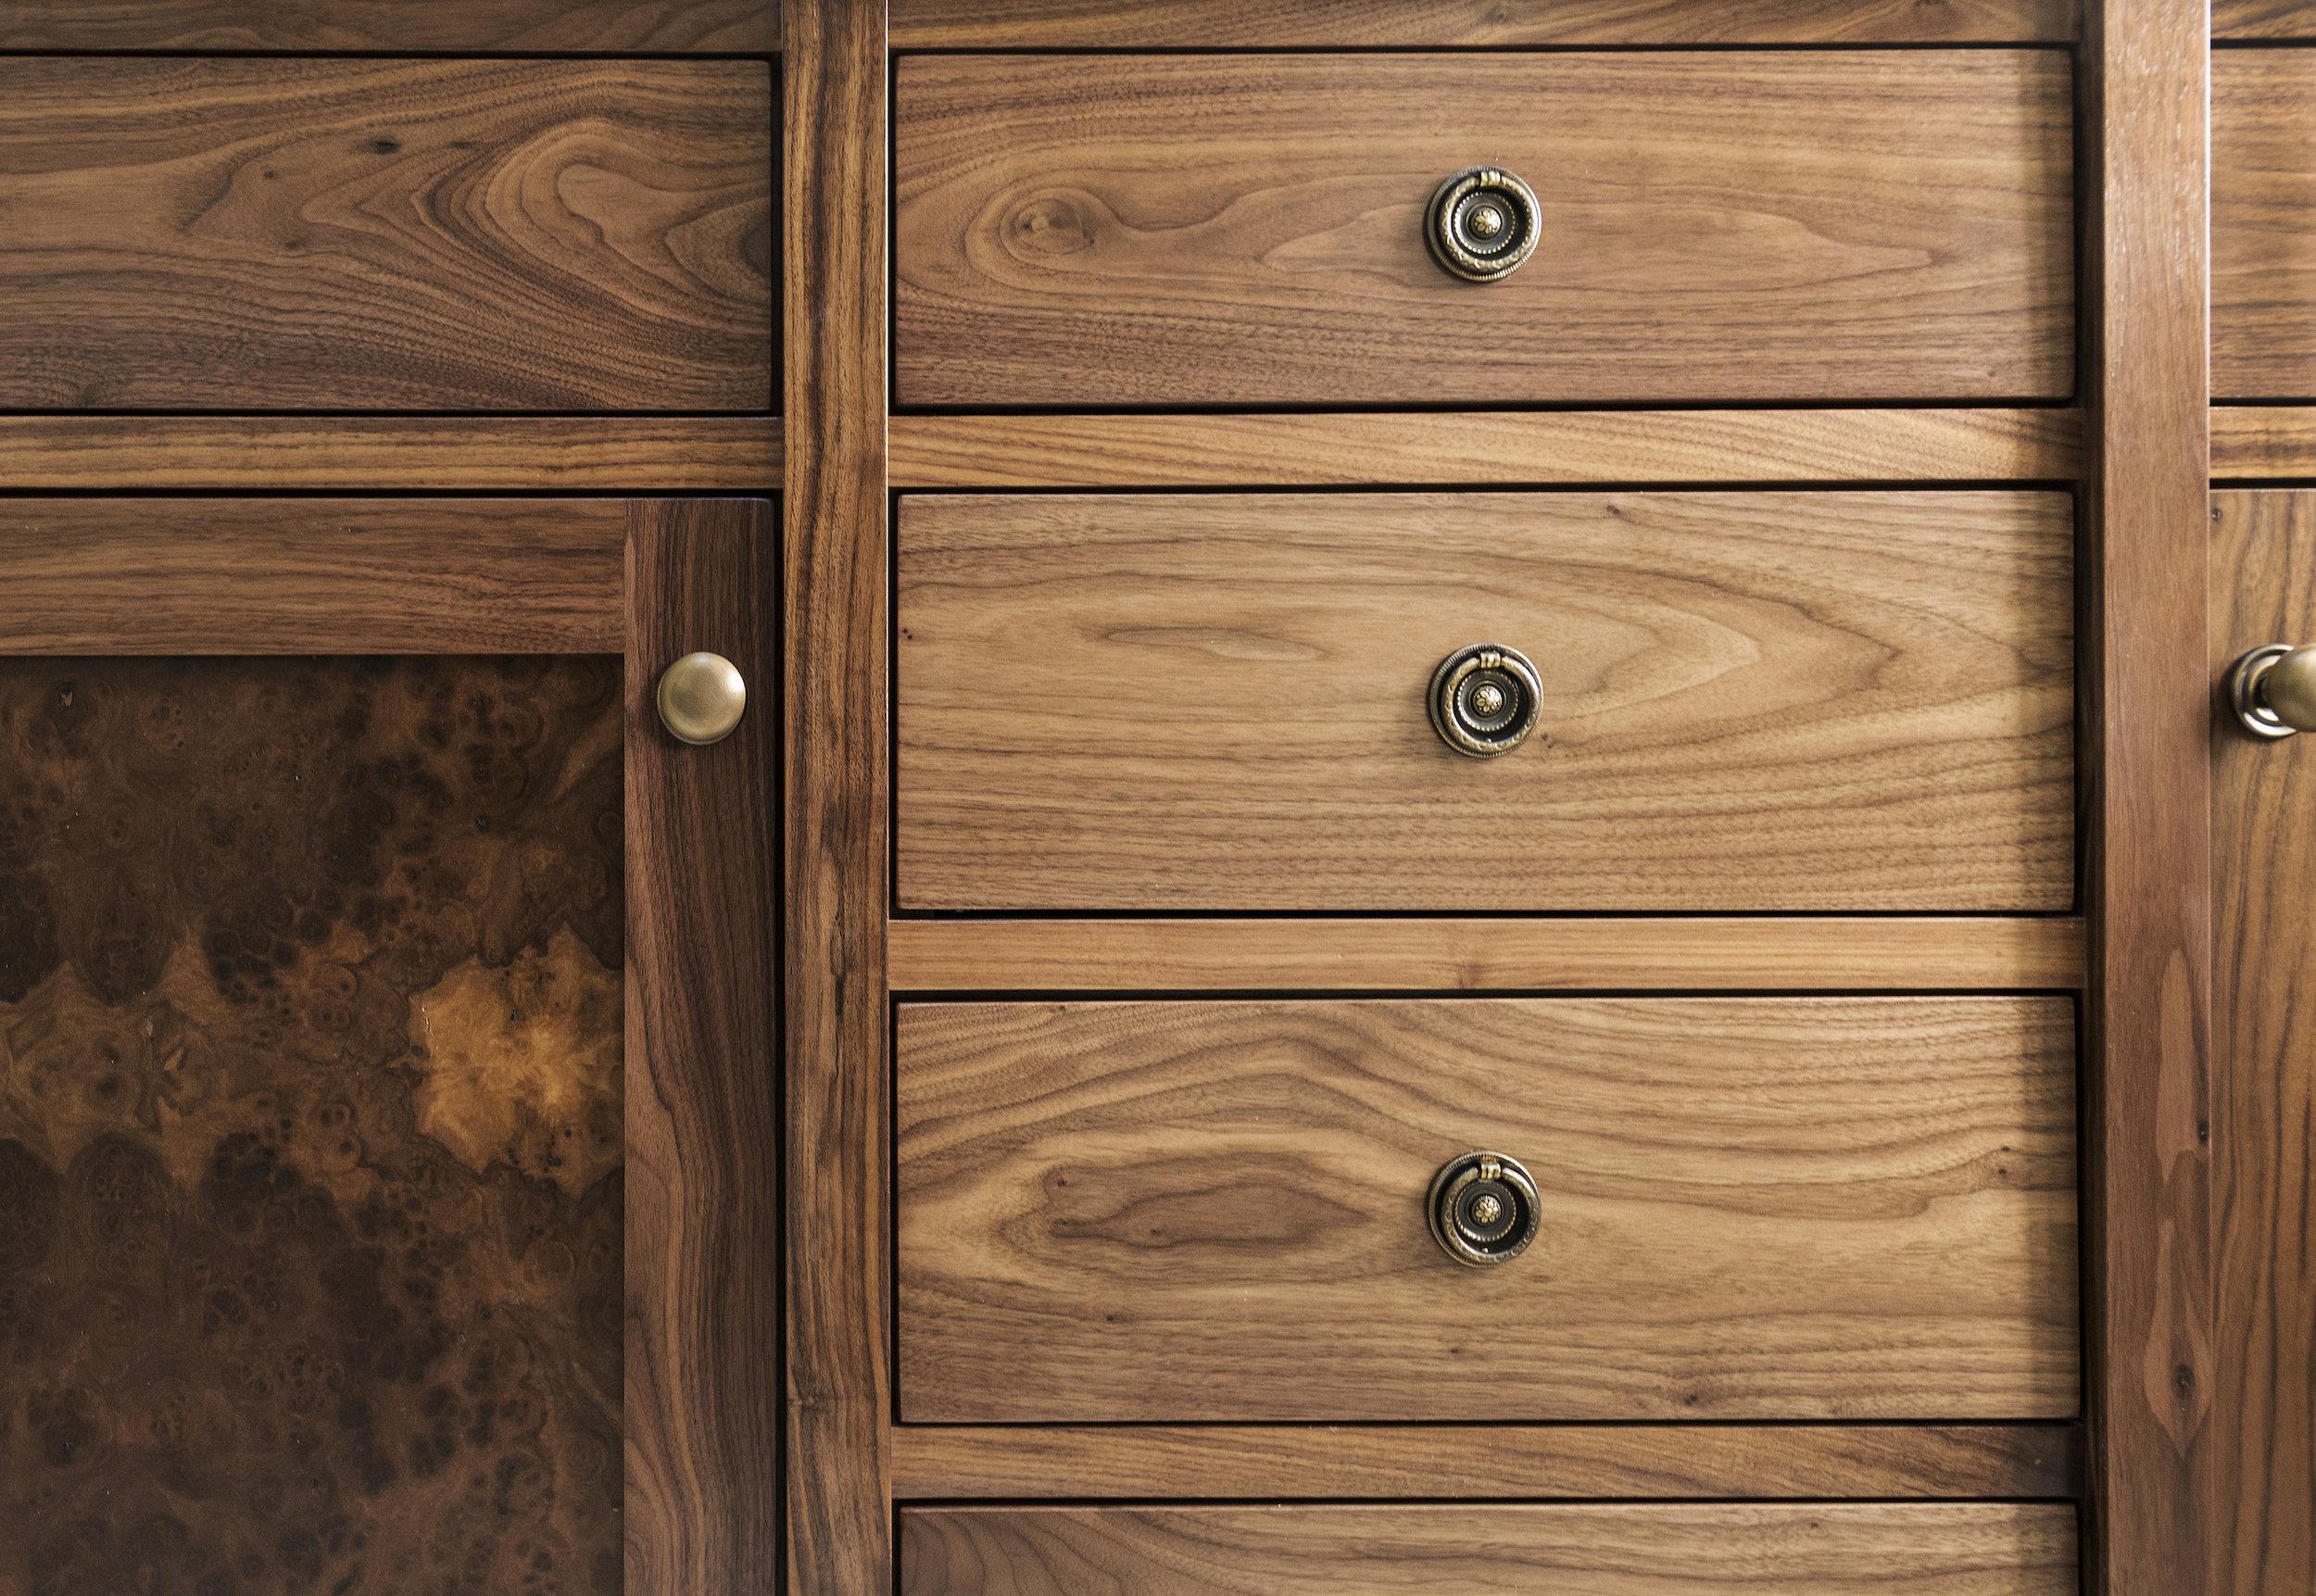 Cabinet design by Jenni Leasia Interior Design in Portland